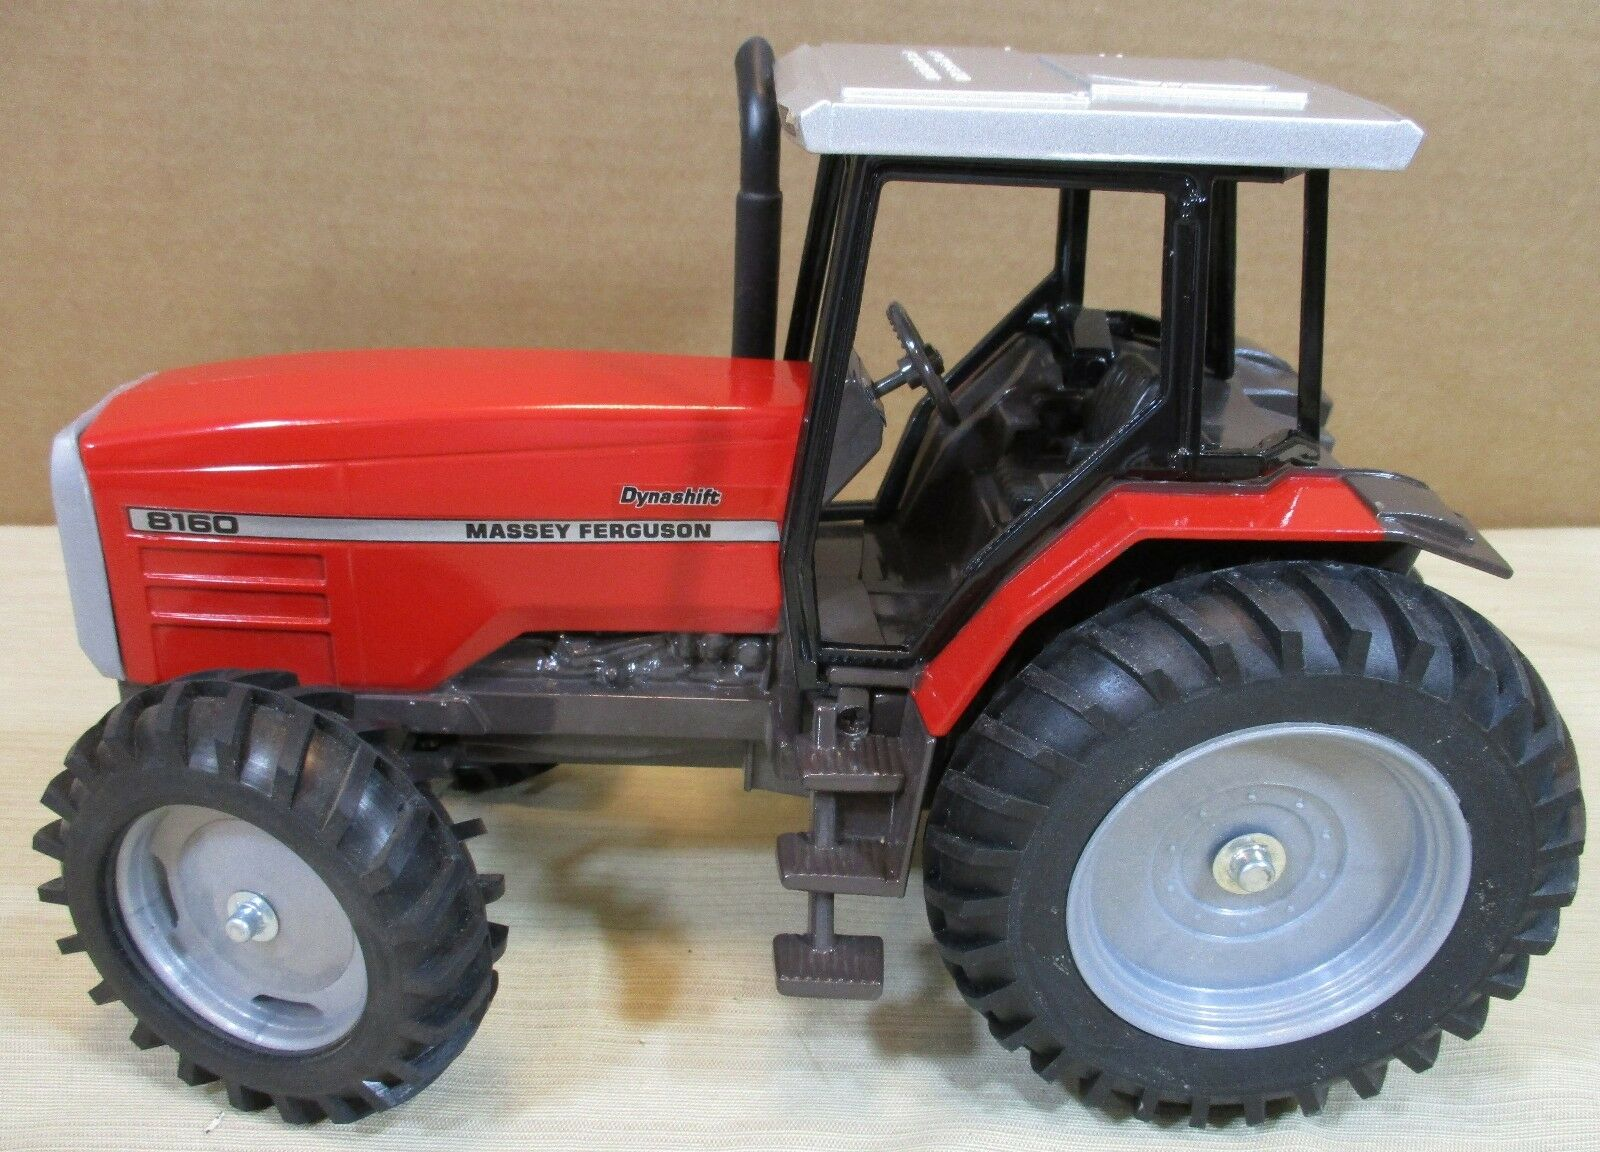 8169 Massey ferguson dynashift Rouge Ferme Tracteur Avec Capuchon & escalier étapes 1 16 NOUVEAU